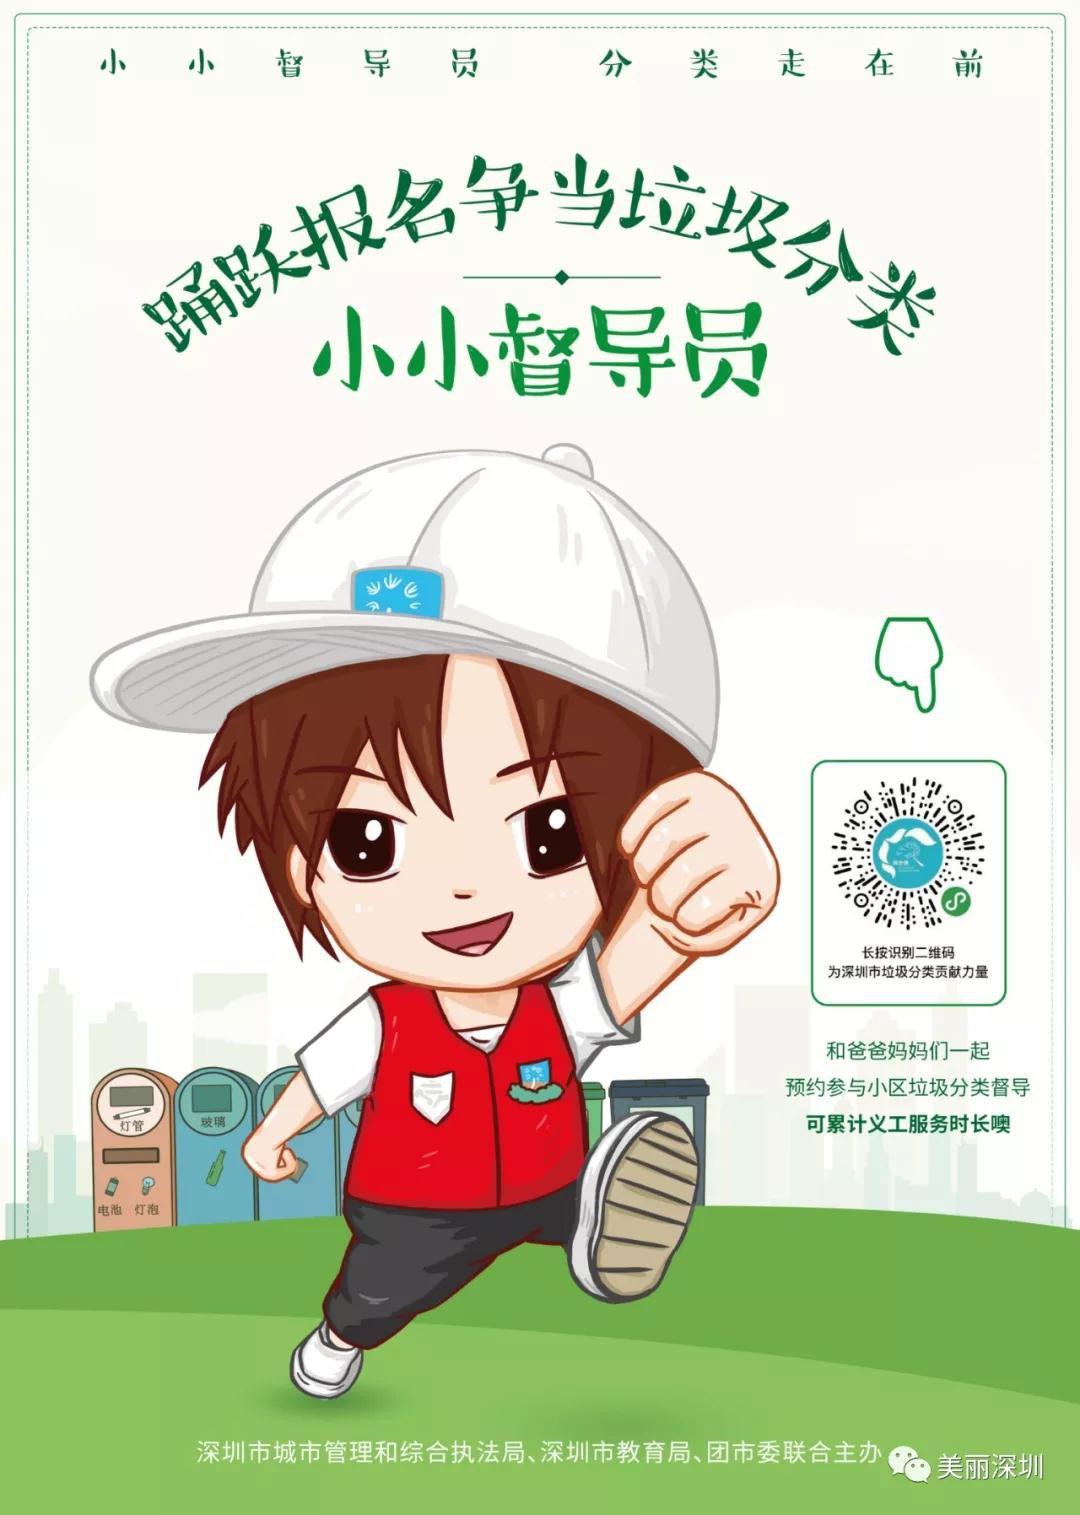 深圳垃圾分类小督导员志愿行动启动啦, 将纳入学校综合素质考核